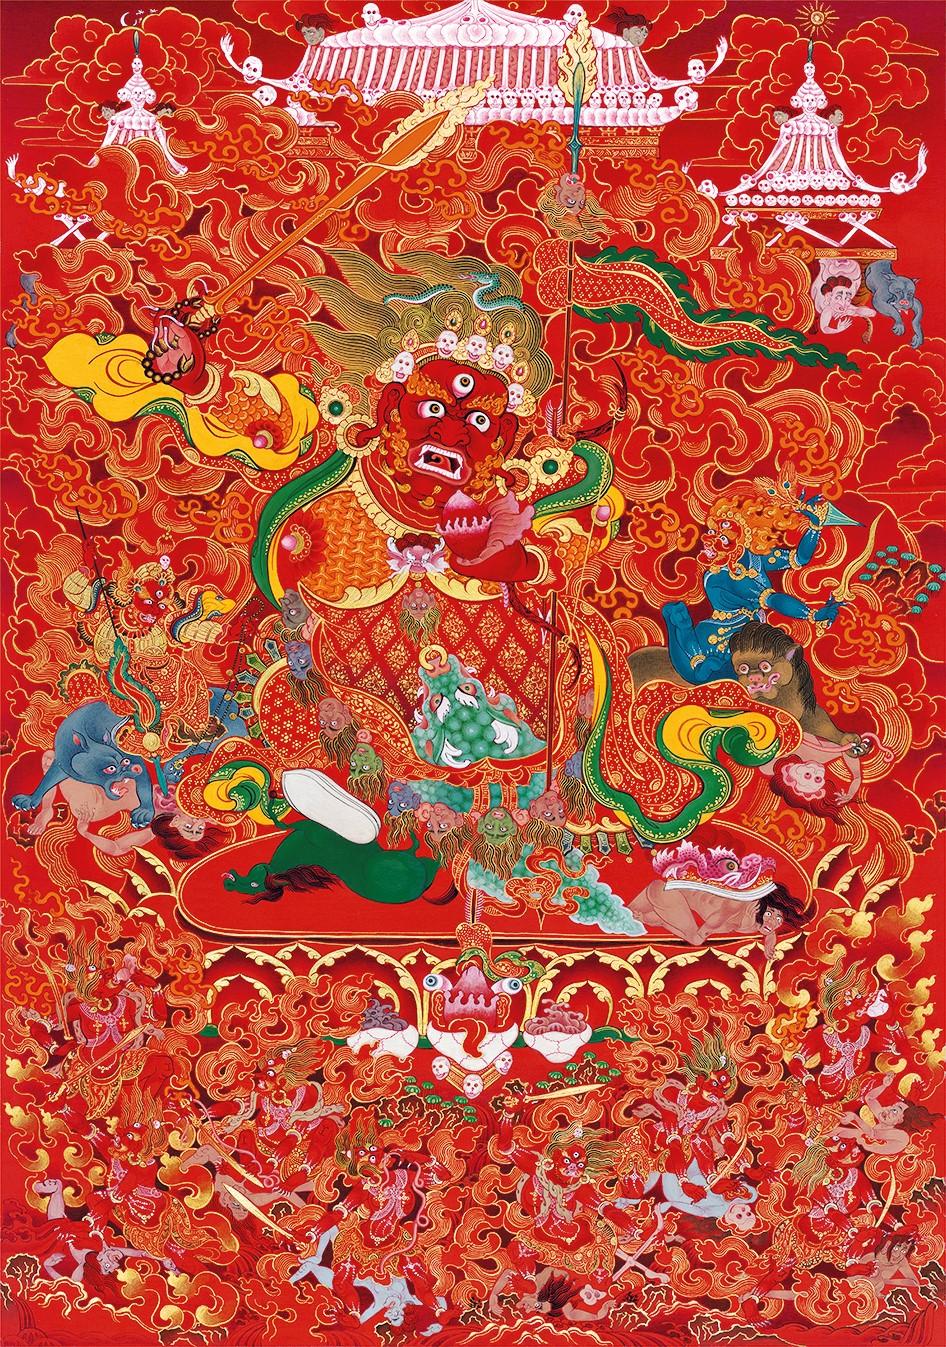 Un artiste doit passer cinq ans à apprendre cet art dans des temples bouddhistes pour être considéré comme un professionnel. Dudko est parvenu à apprendre les techniques de peinture nécessaires en un an et demi.